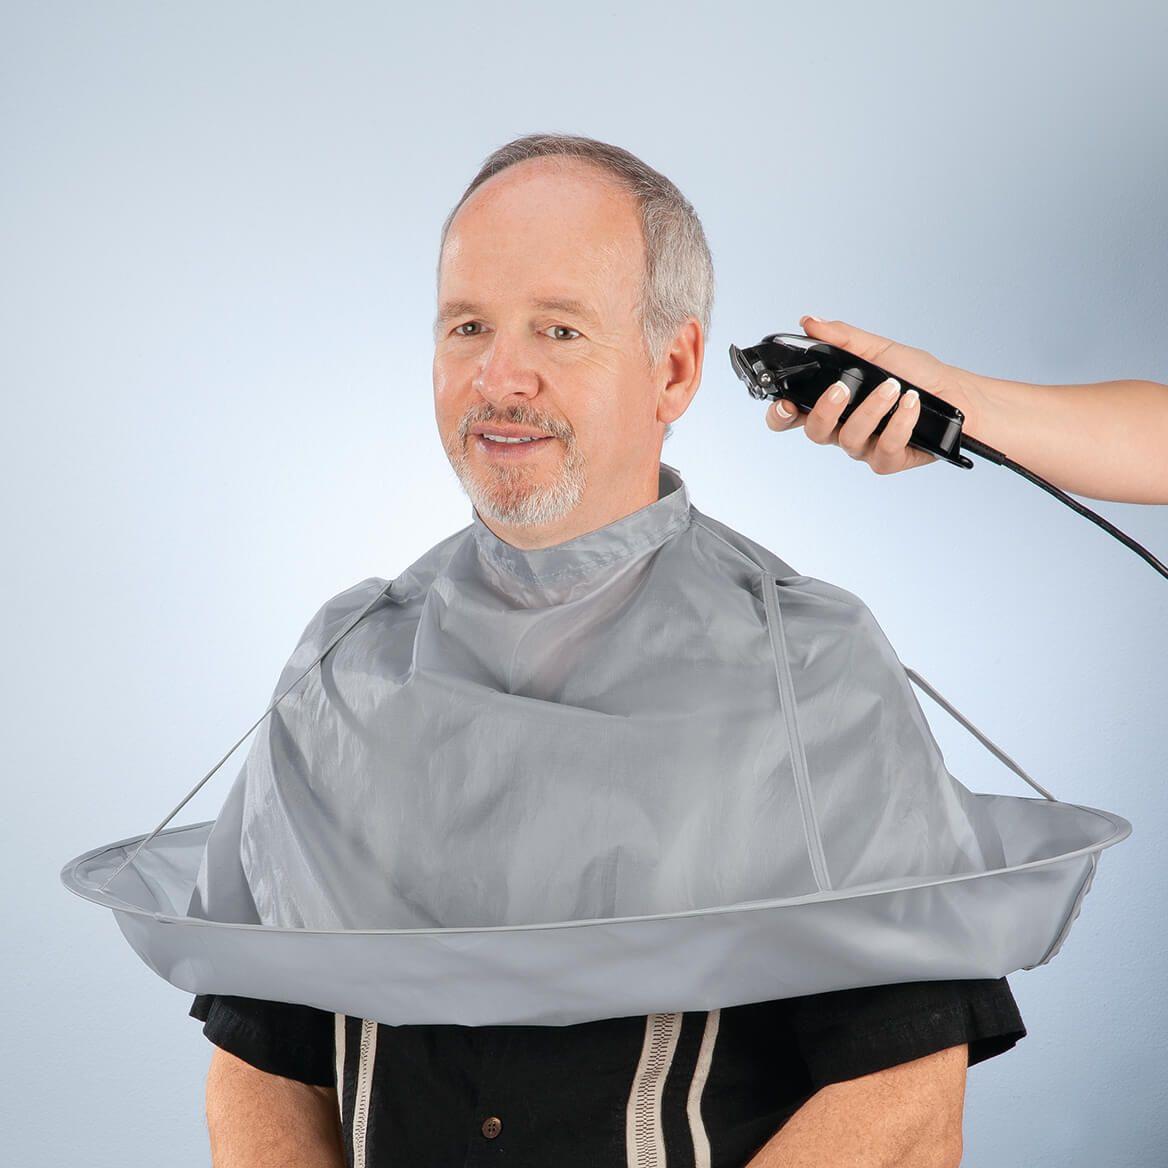 Hair Cut Cape-348724